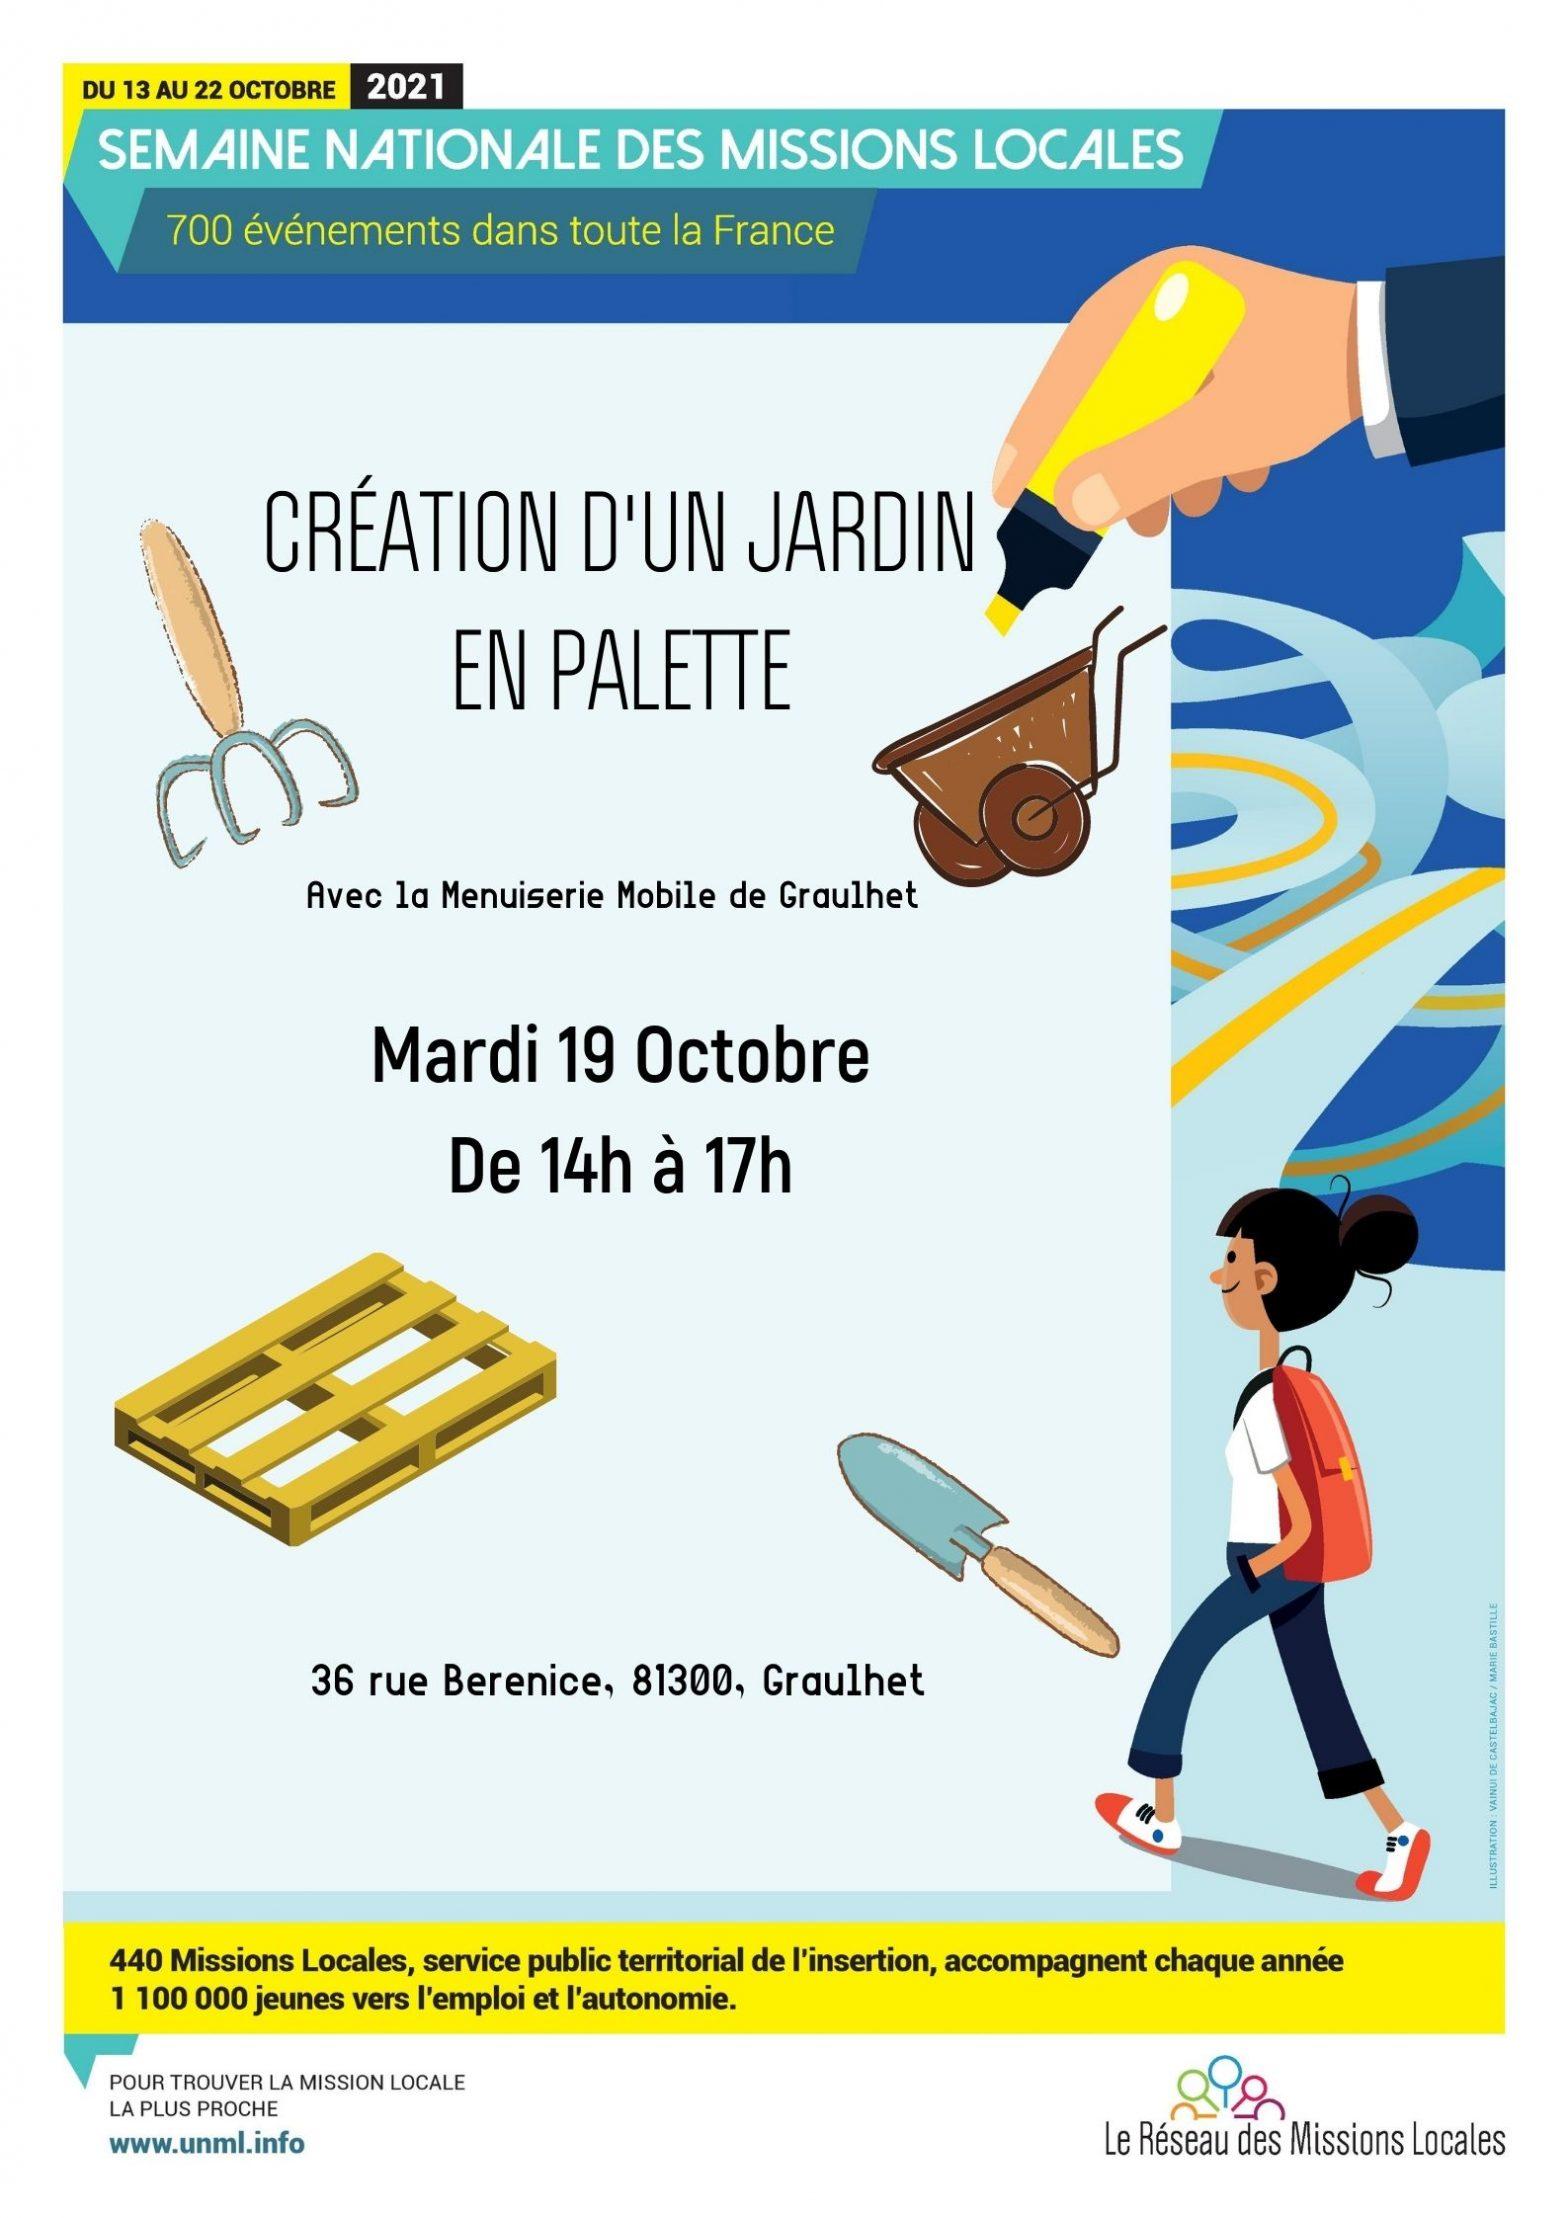 CRÉATION D'UN JARDIN en PALETTES le 19 octobre avec la Menuiserie Mobile à Graulhet